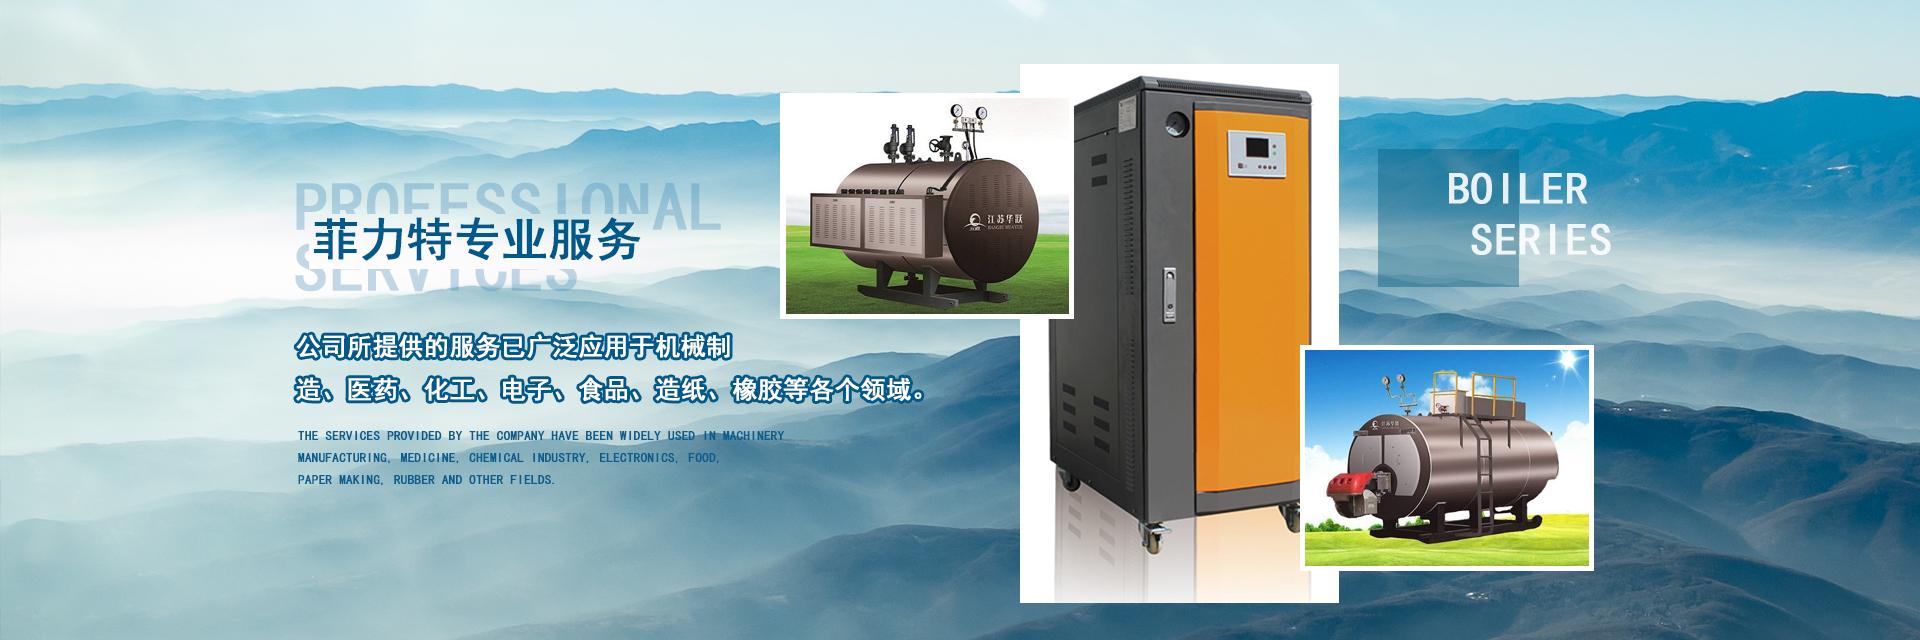 重庆工业炉